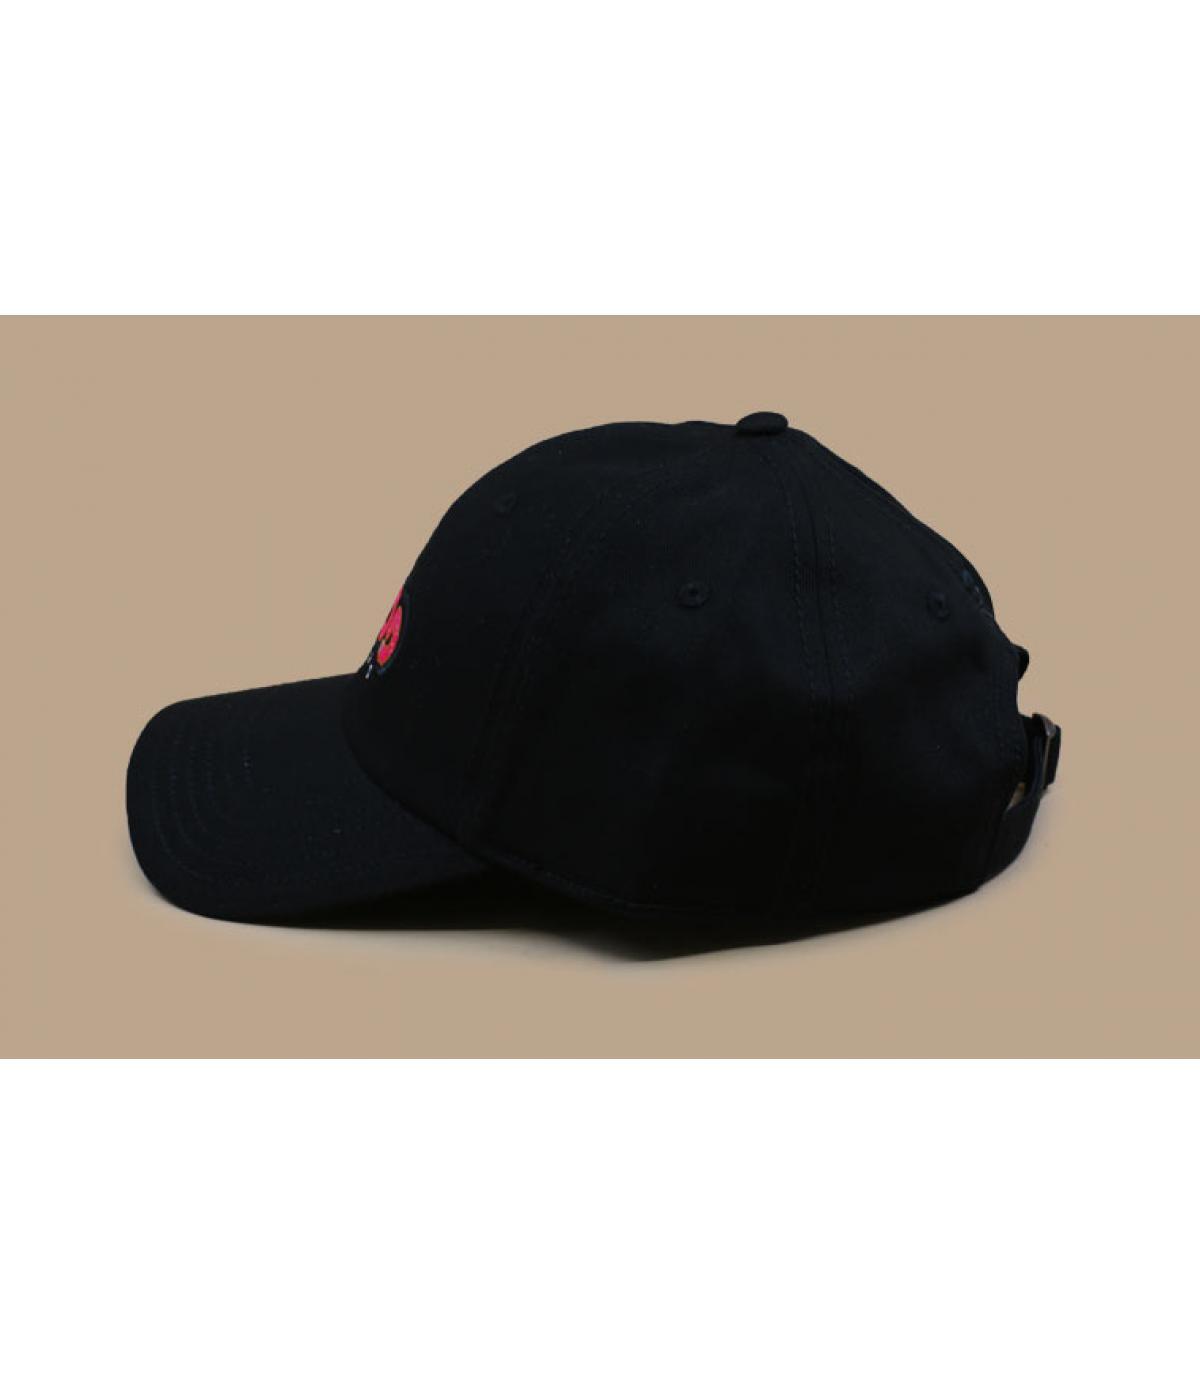 Détails Munchies Times Curved Cap black - image 4